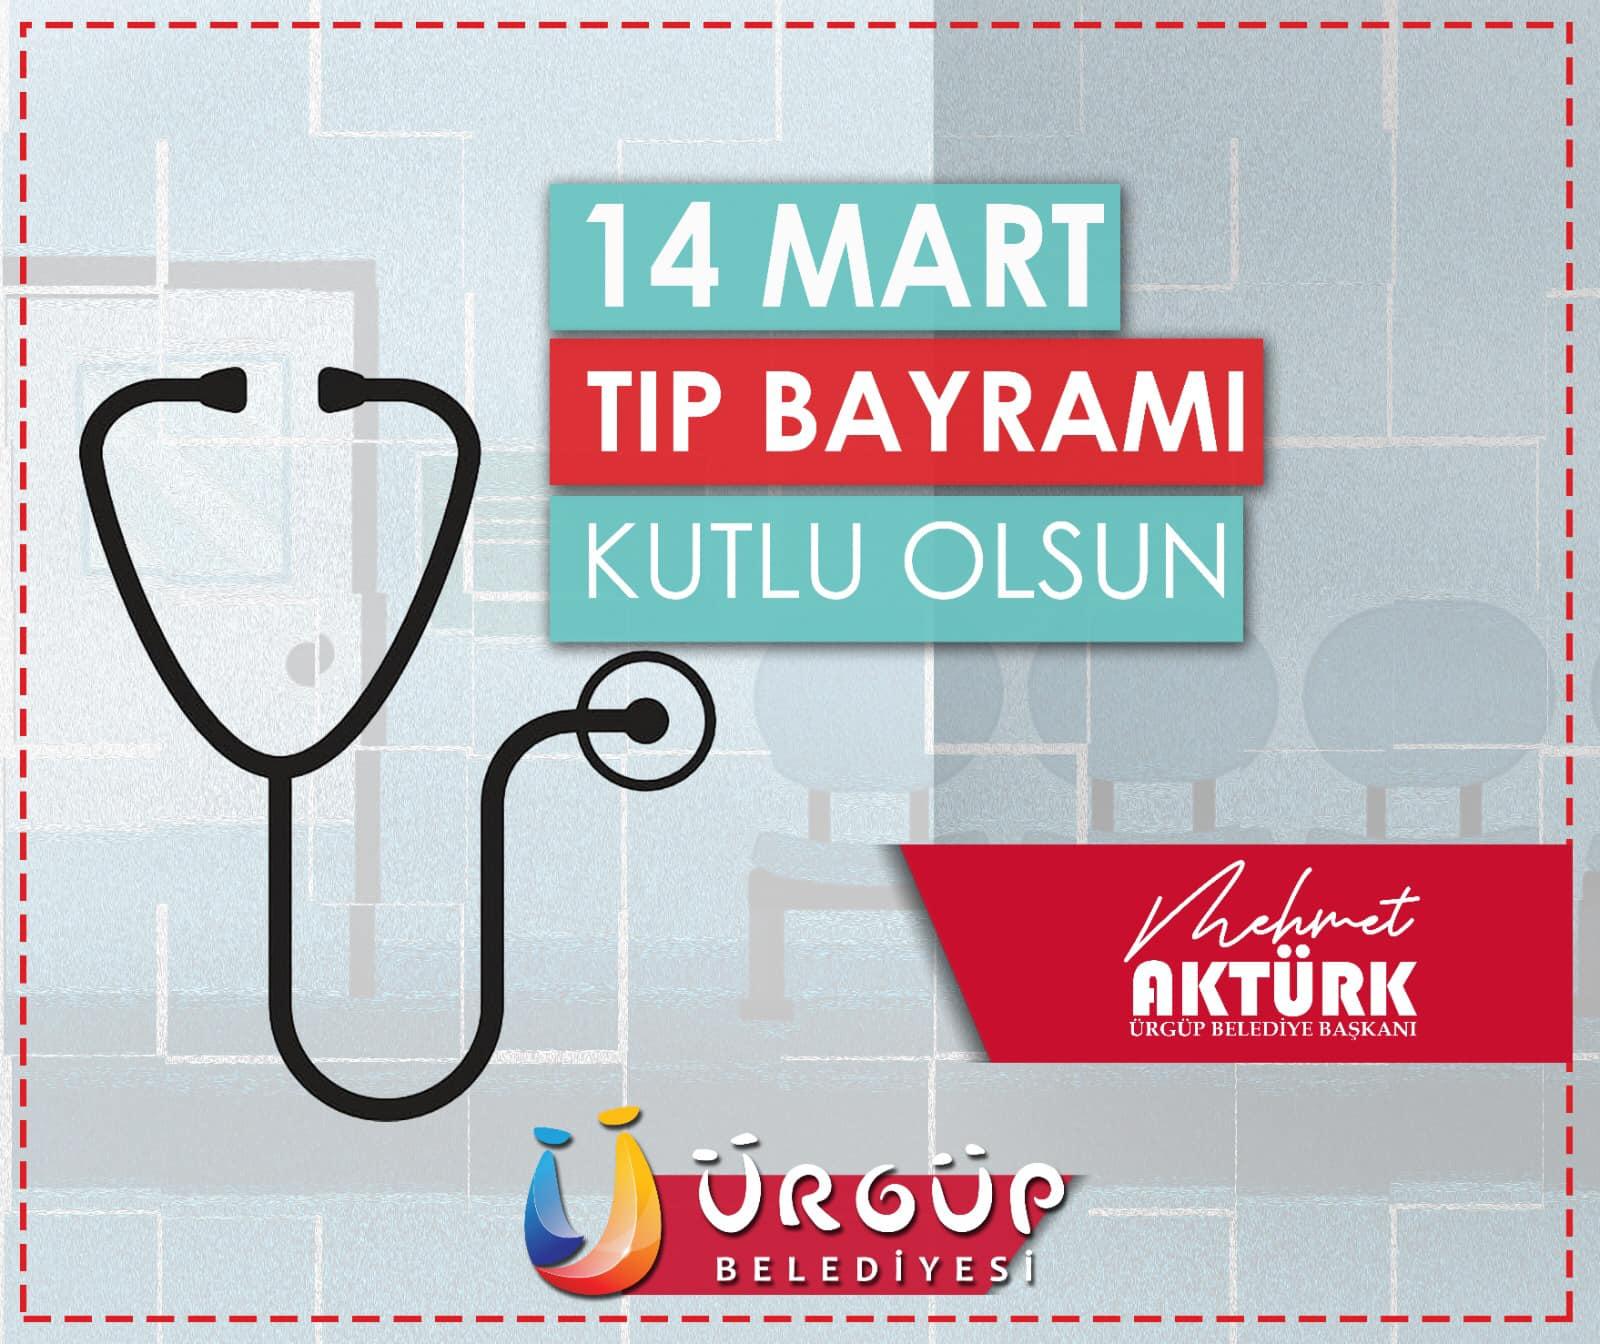 Ürgüp Belediye Başkanı Mehmet Aktürk'ün 14 Mart Tıp Bayramı Mesajı